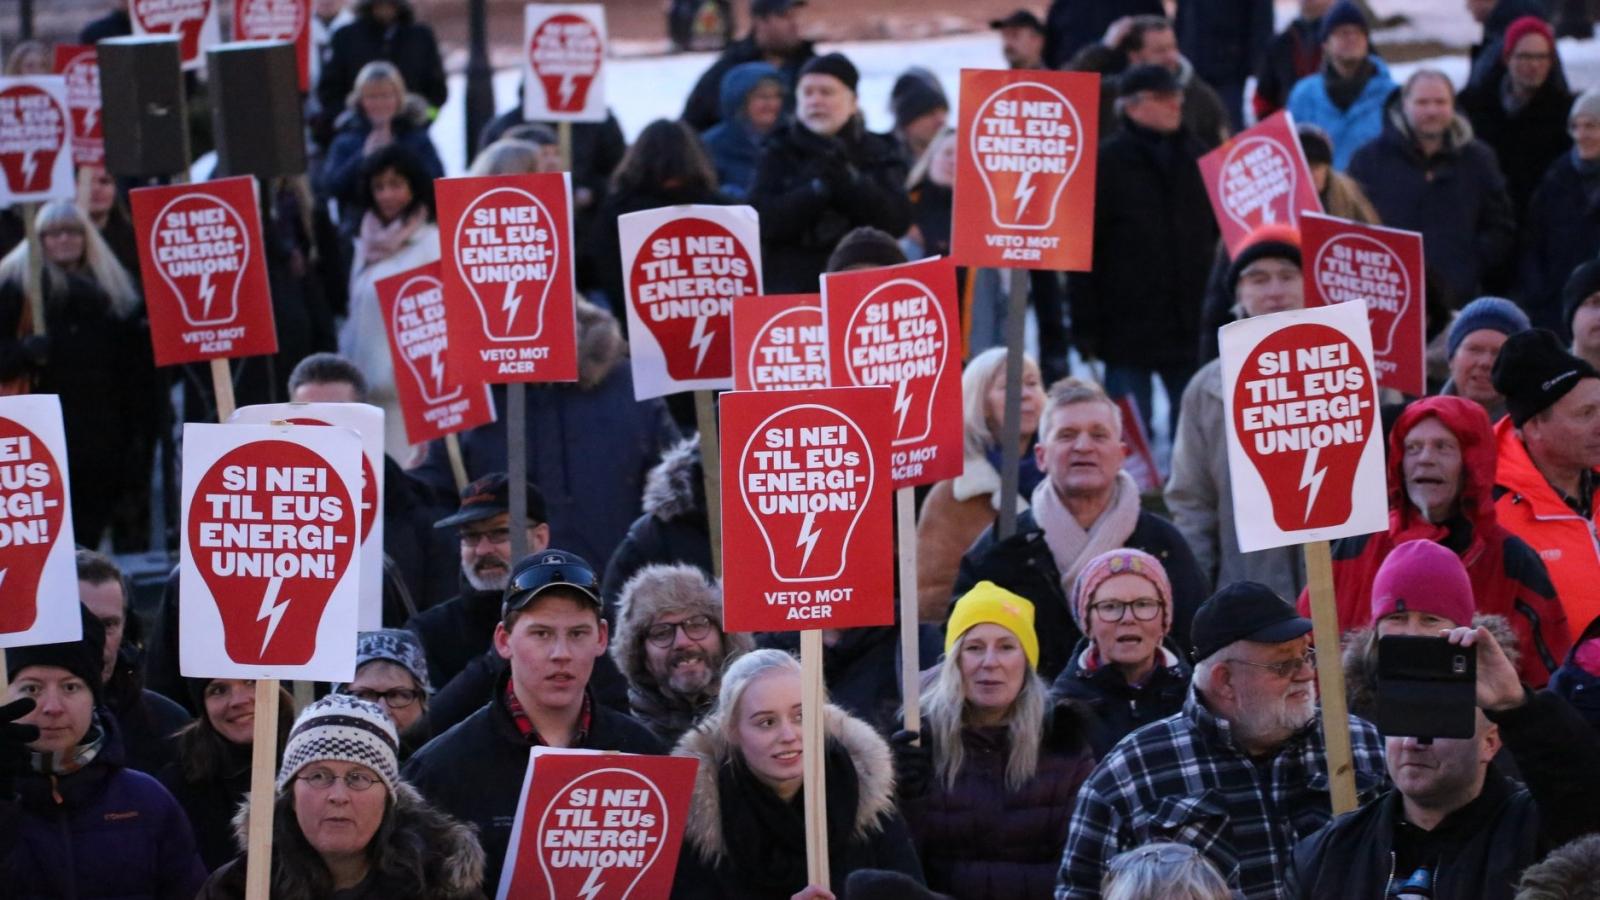 Stopp Acer-demonstrasjon ved Stortinget 19. mars 2018.